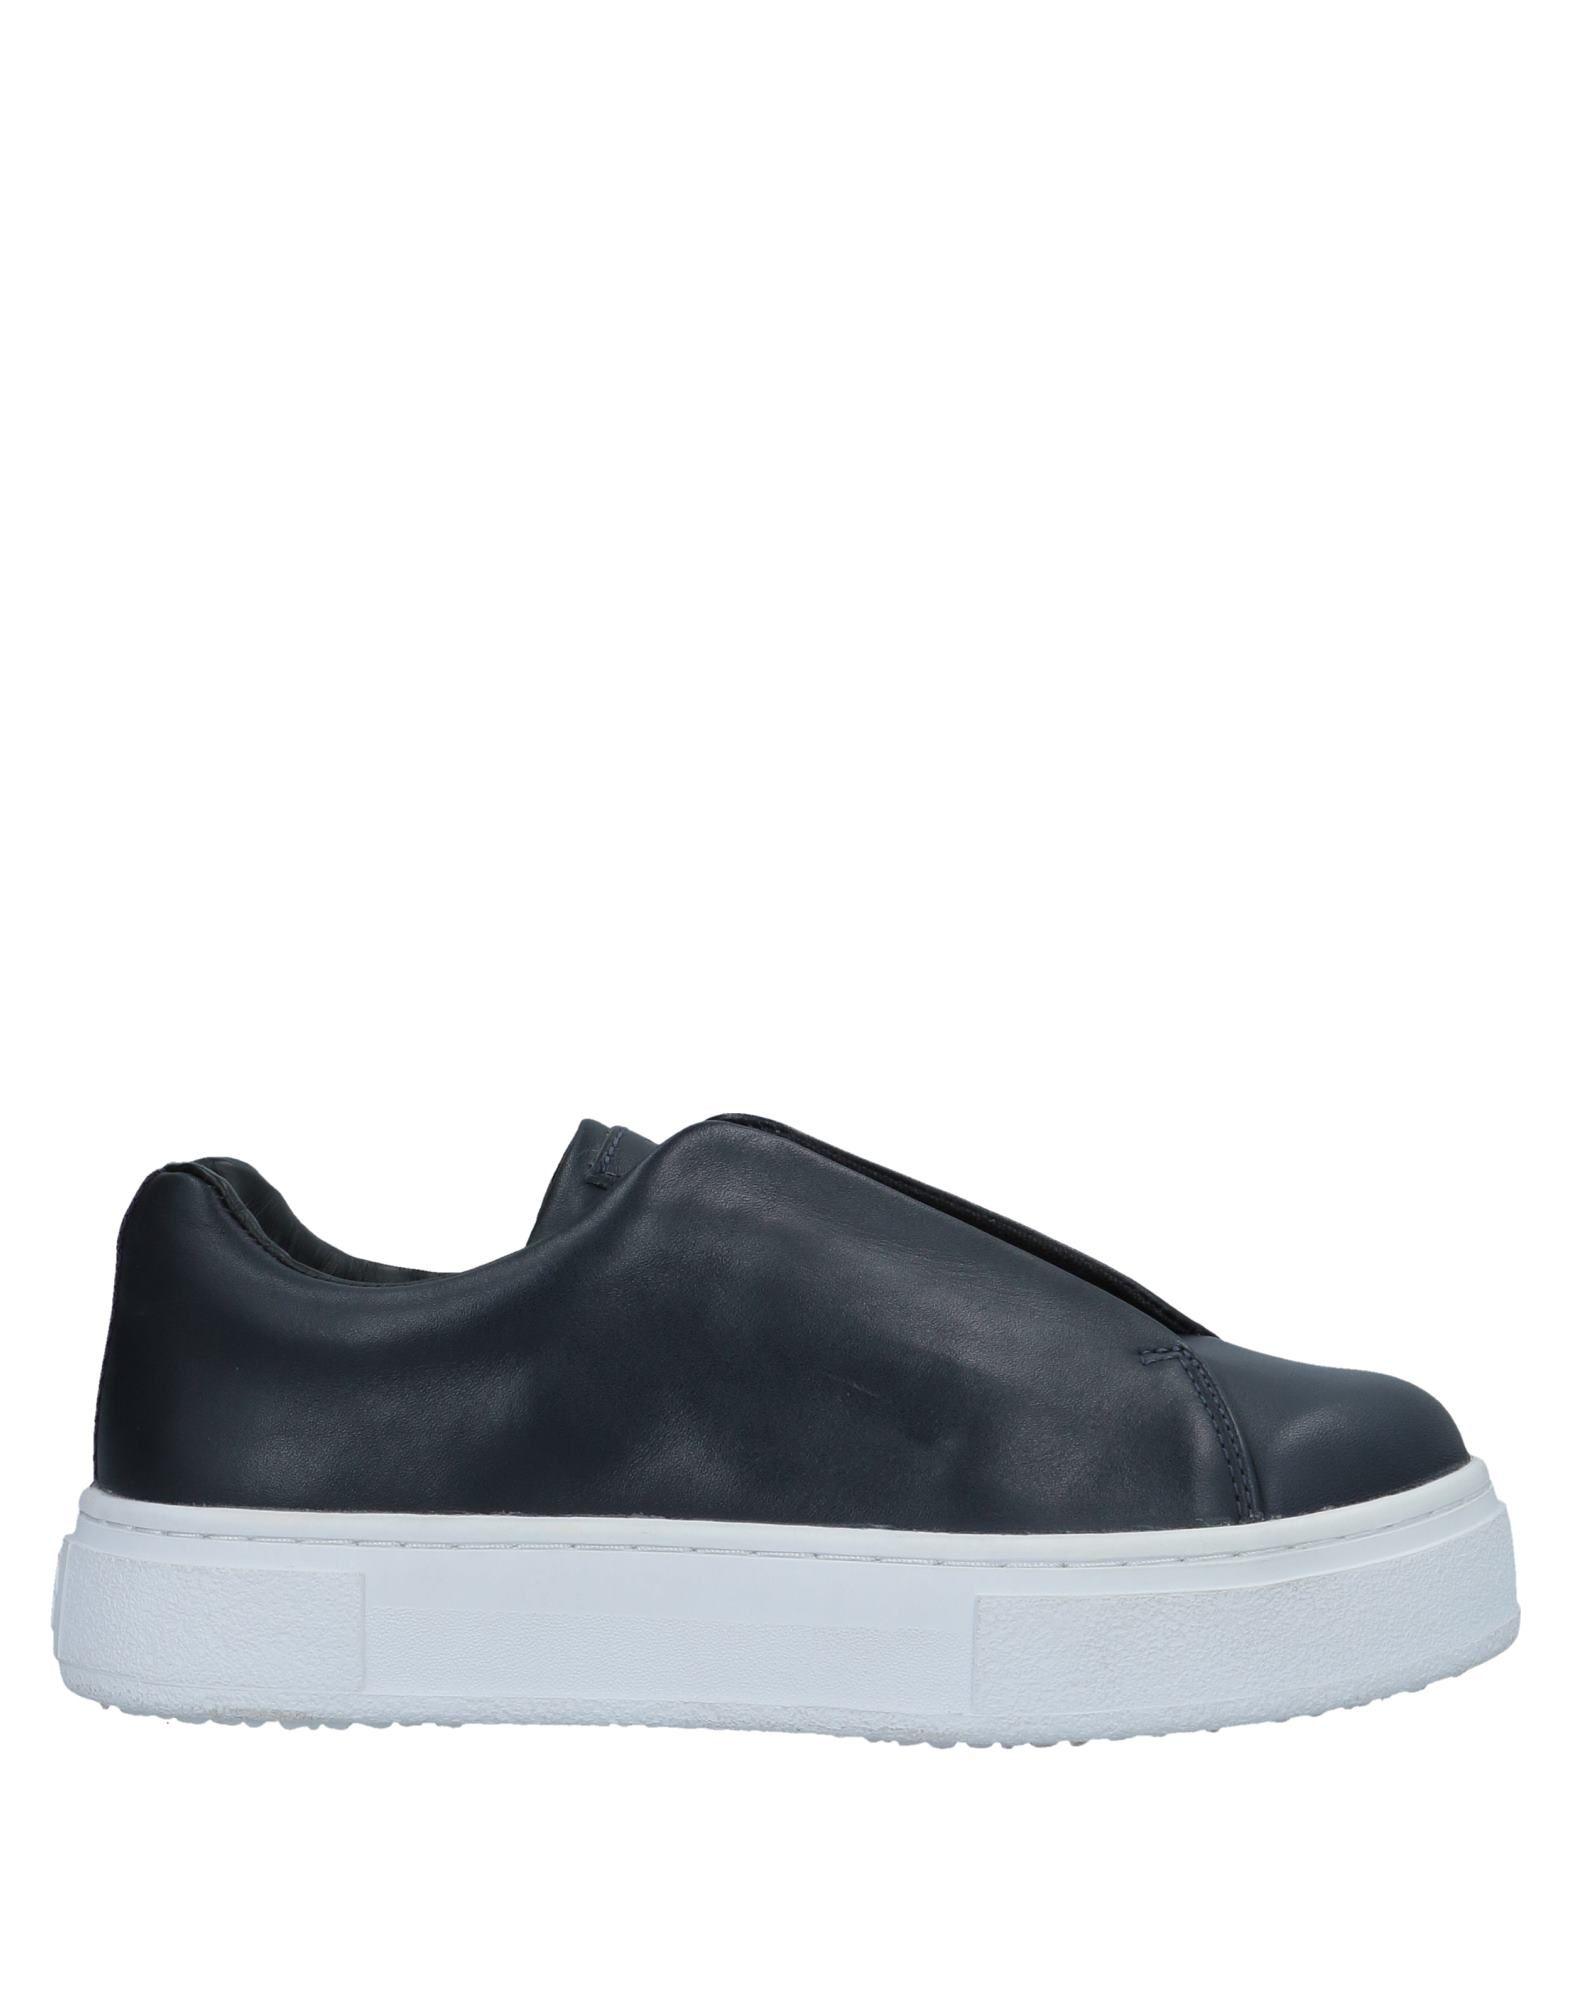 Scarpe economiche e resistenti Sneakers Eytys Donna - 11523891KR